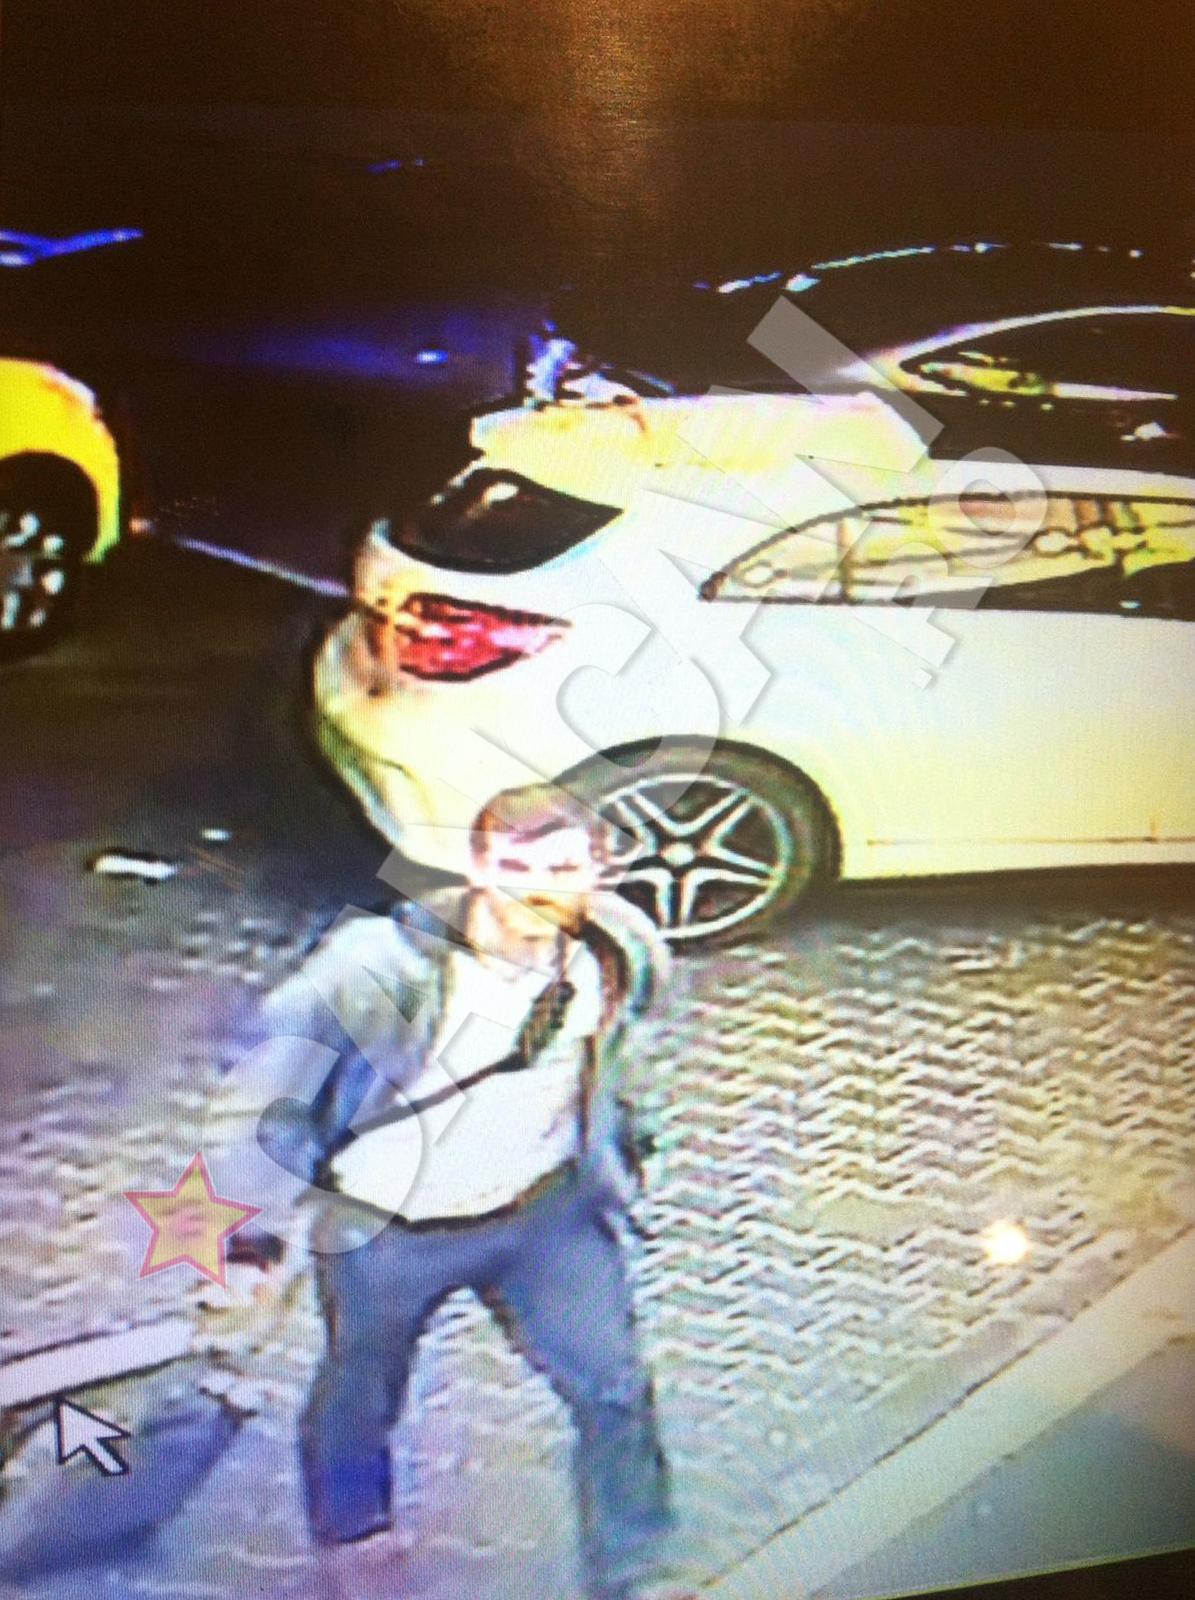 Ron Weiner, filmat în timp ce trăgea după el un troler (ticsit cu aparatură de filaj) în parcarea din spatele Hotelului Marriott